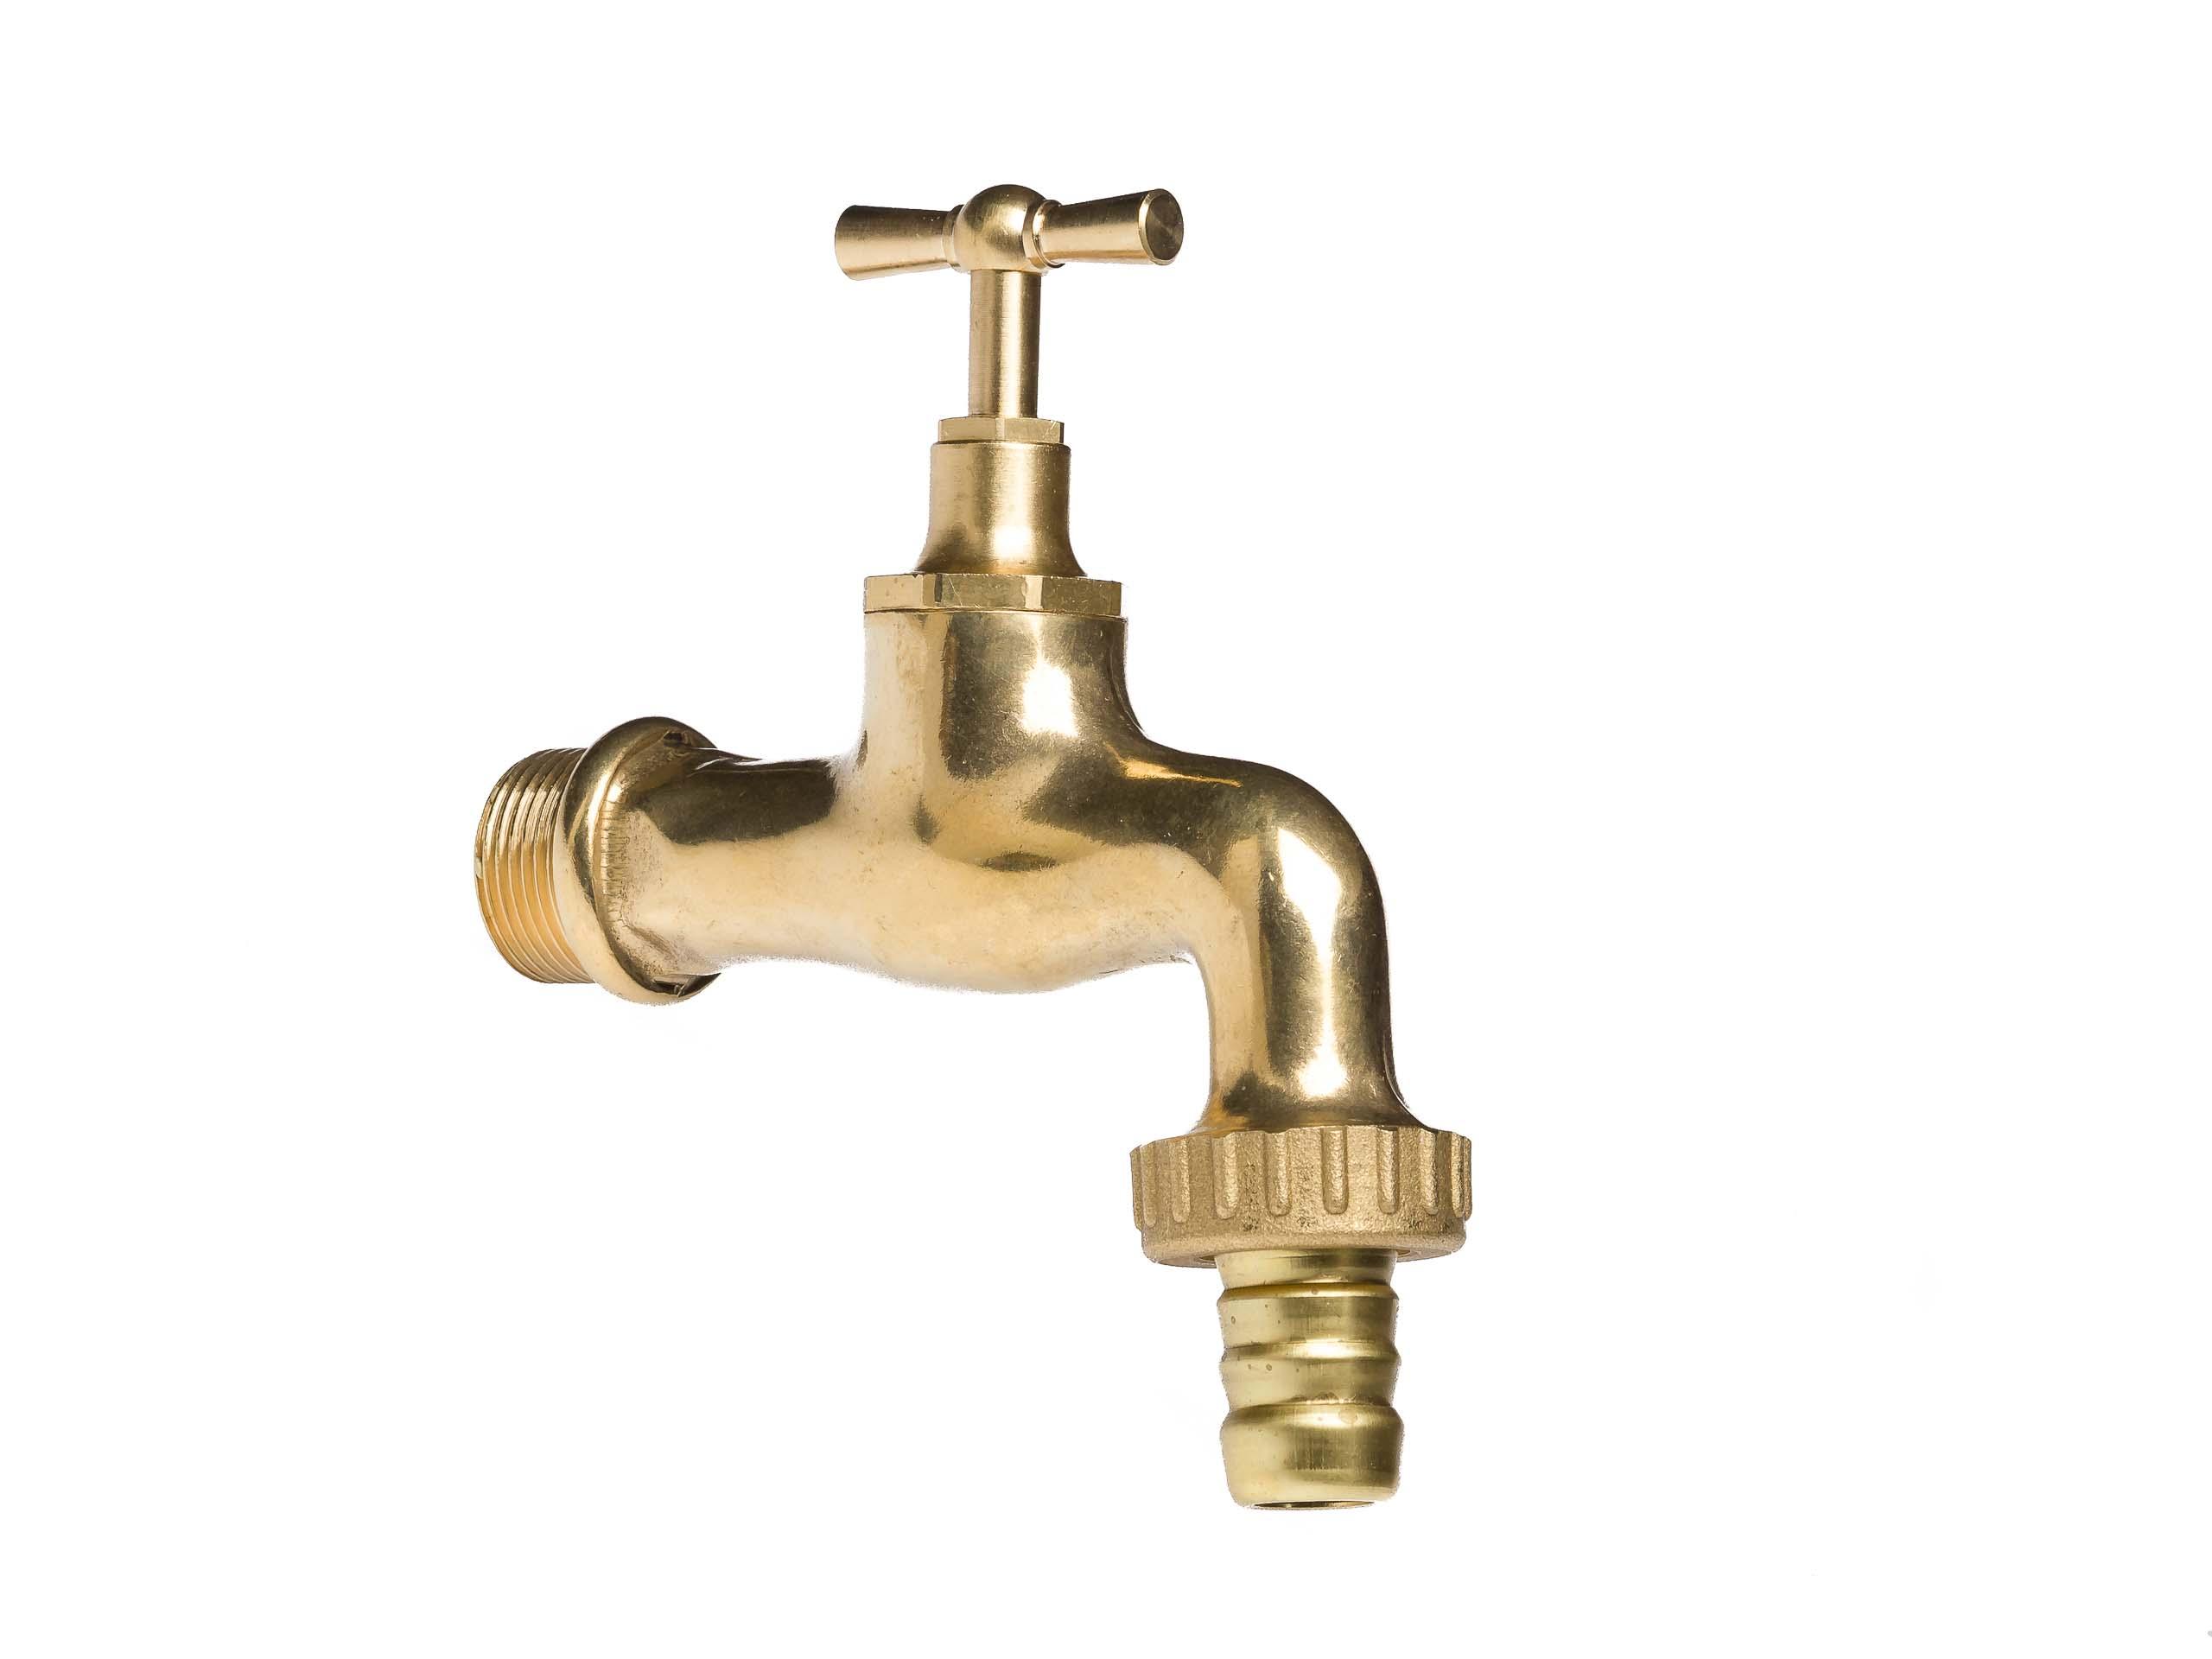 Laiton robinet robinet robinet verseur 3//4 pouce dans la fontaine de jardin de